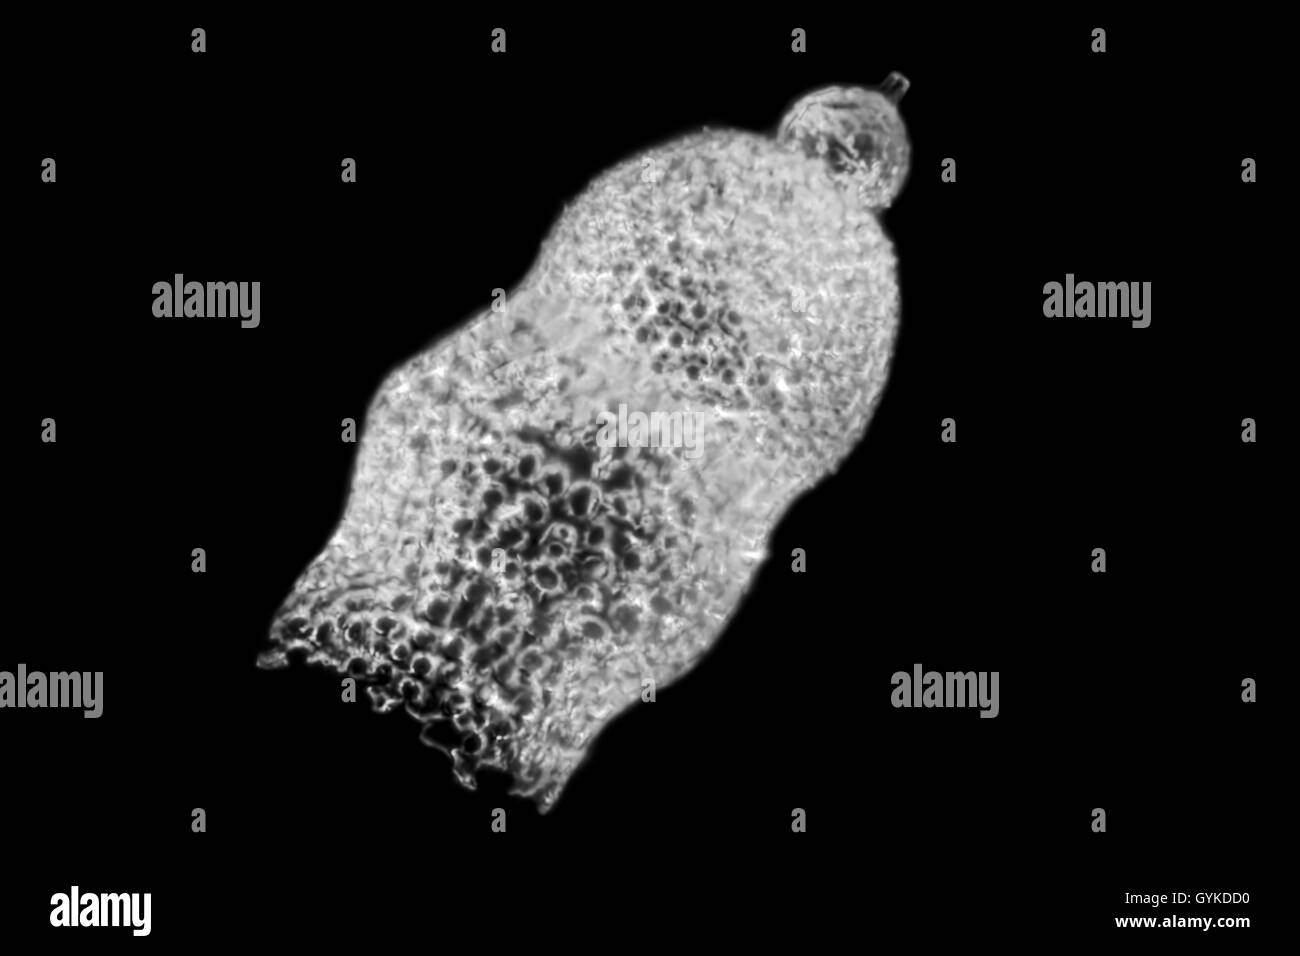 Radiolarien, Strahlentierchen (Radiolaria), fossiles Strahlentierchen von Barbados im Dunkelfeld | radiolarians - Stock Image